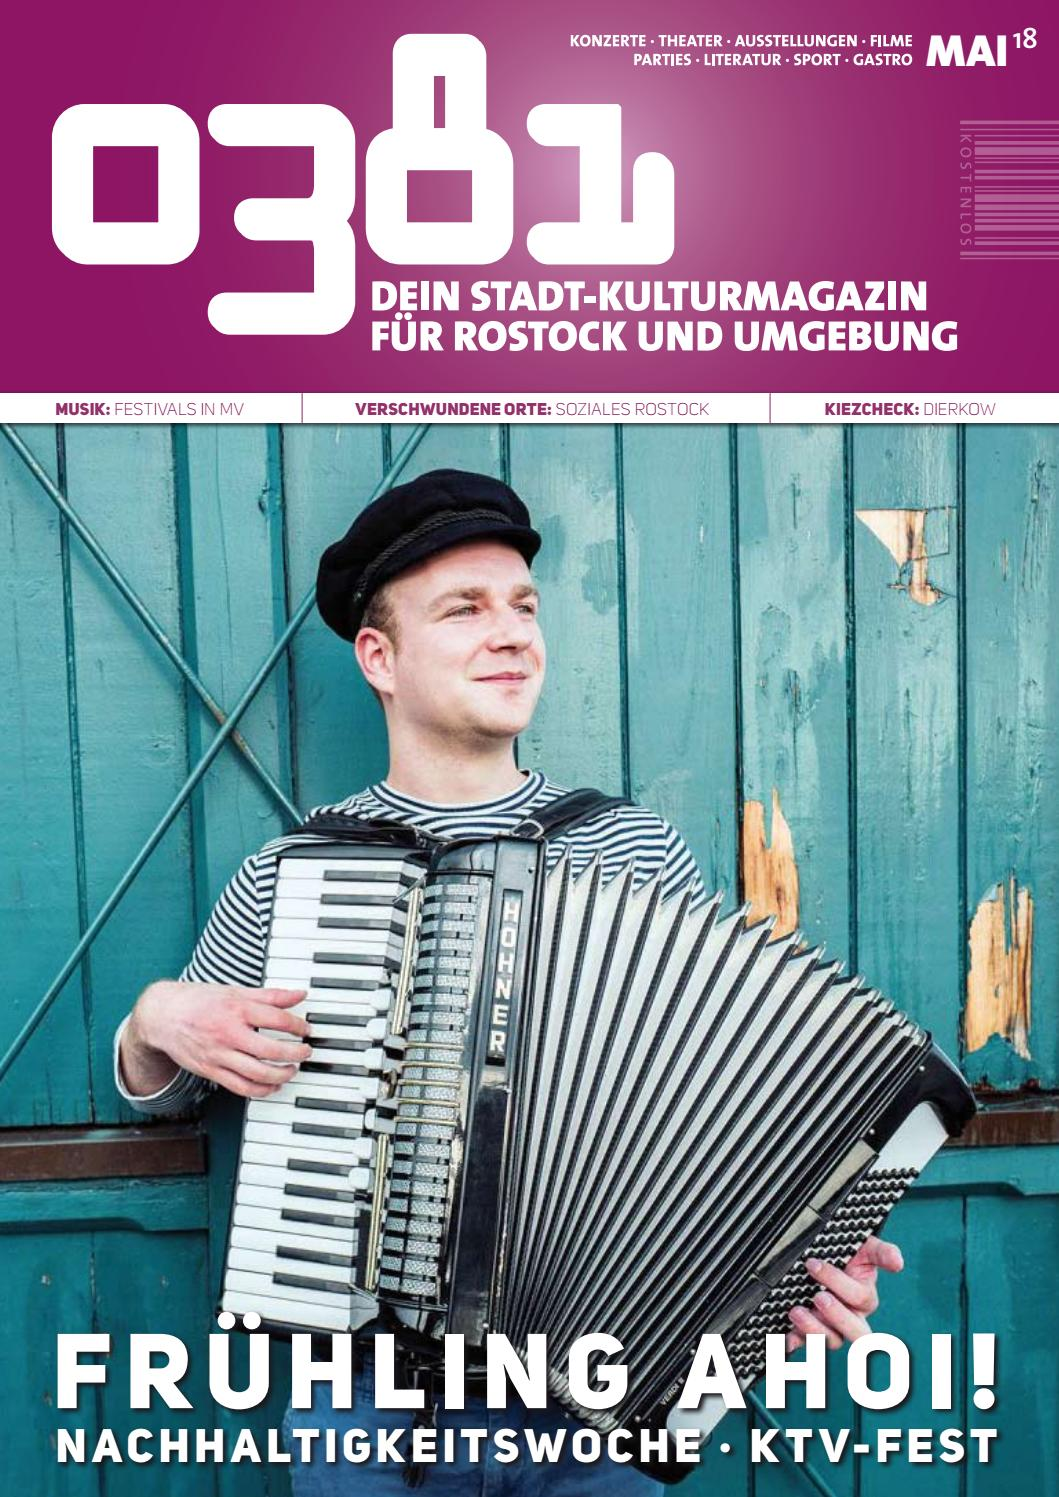 0381 – Dein StadtKulturMagazin für Rostock und Umgebung Mai